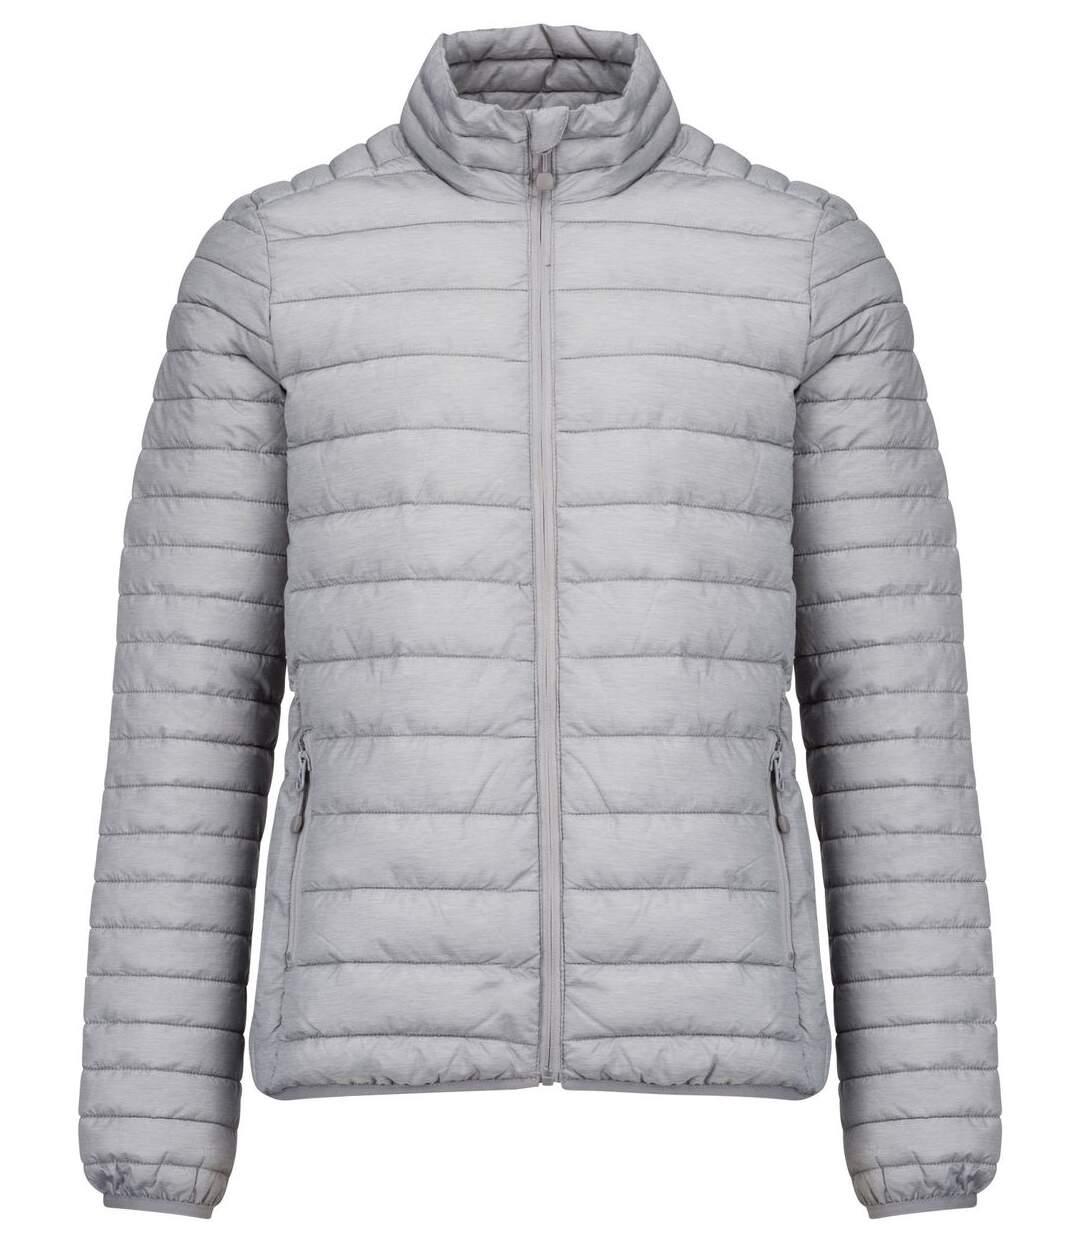 Doudoune légère - K6120 - gris argent - Homme